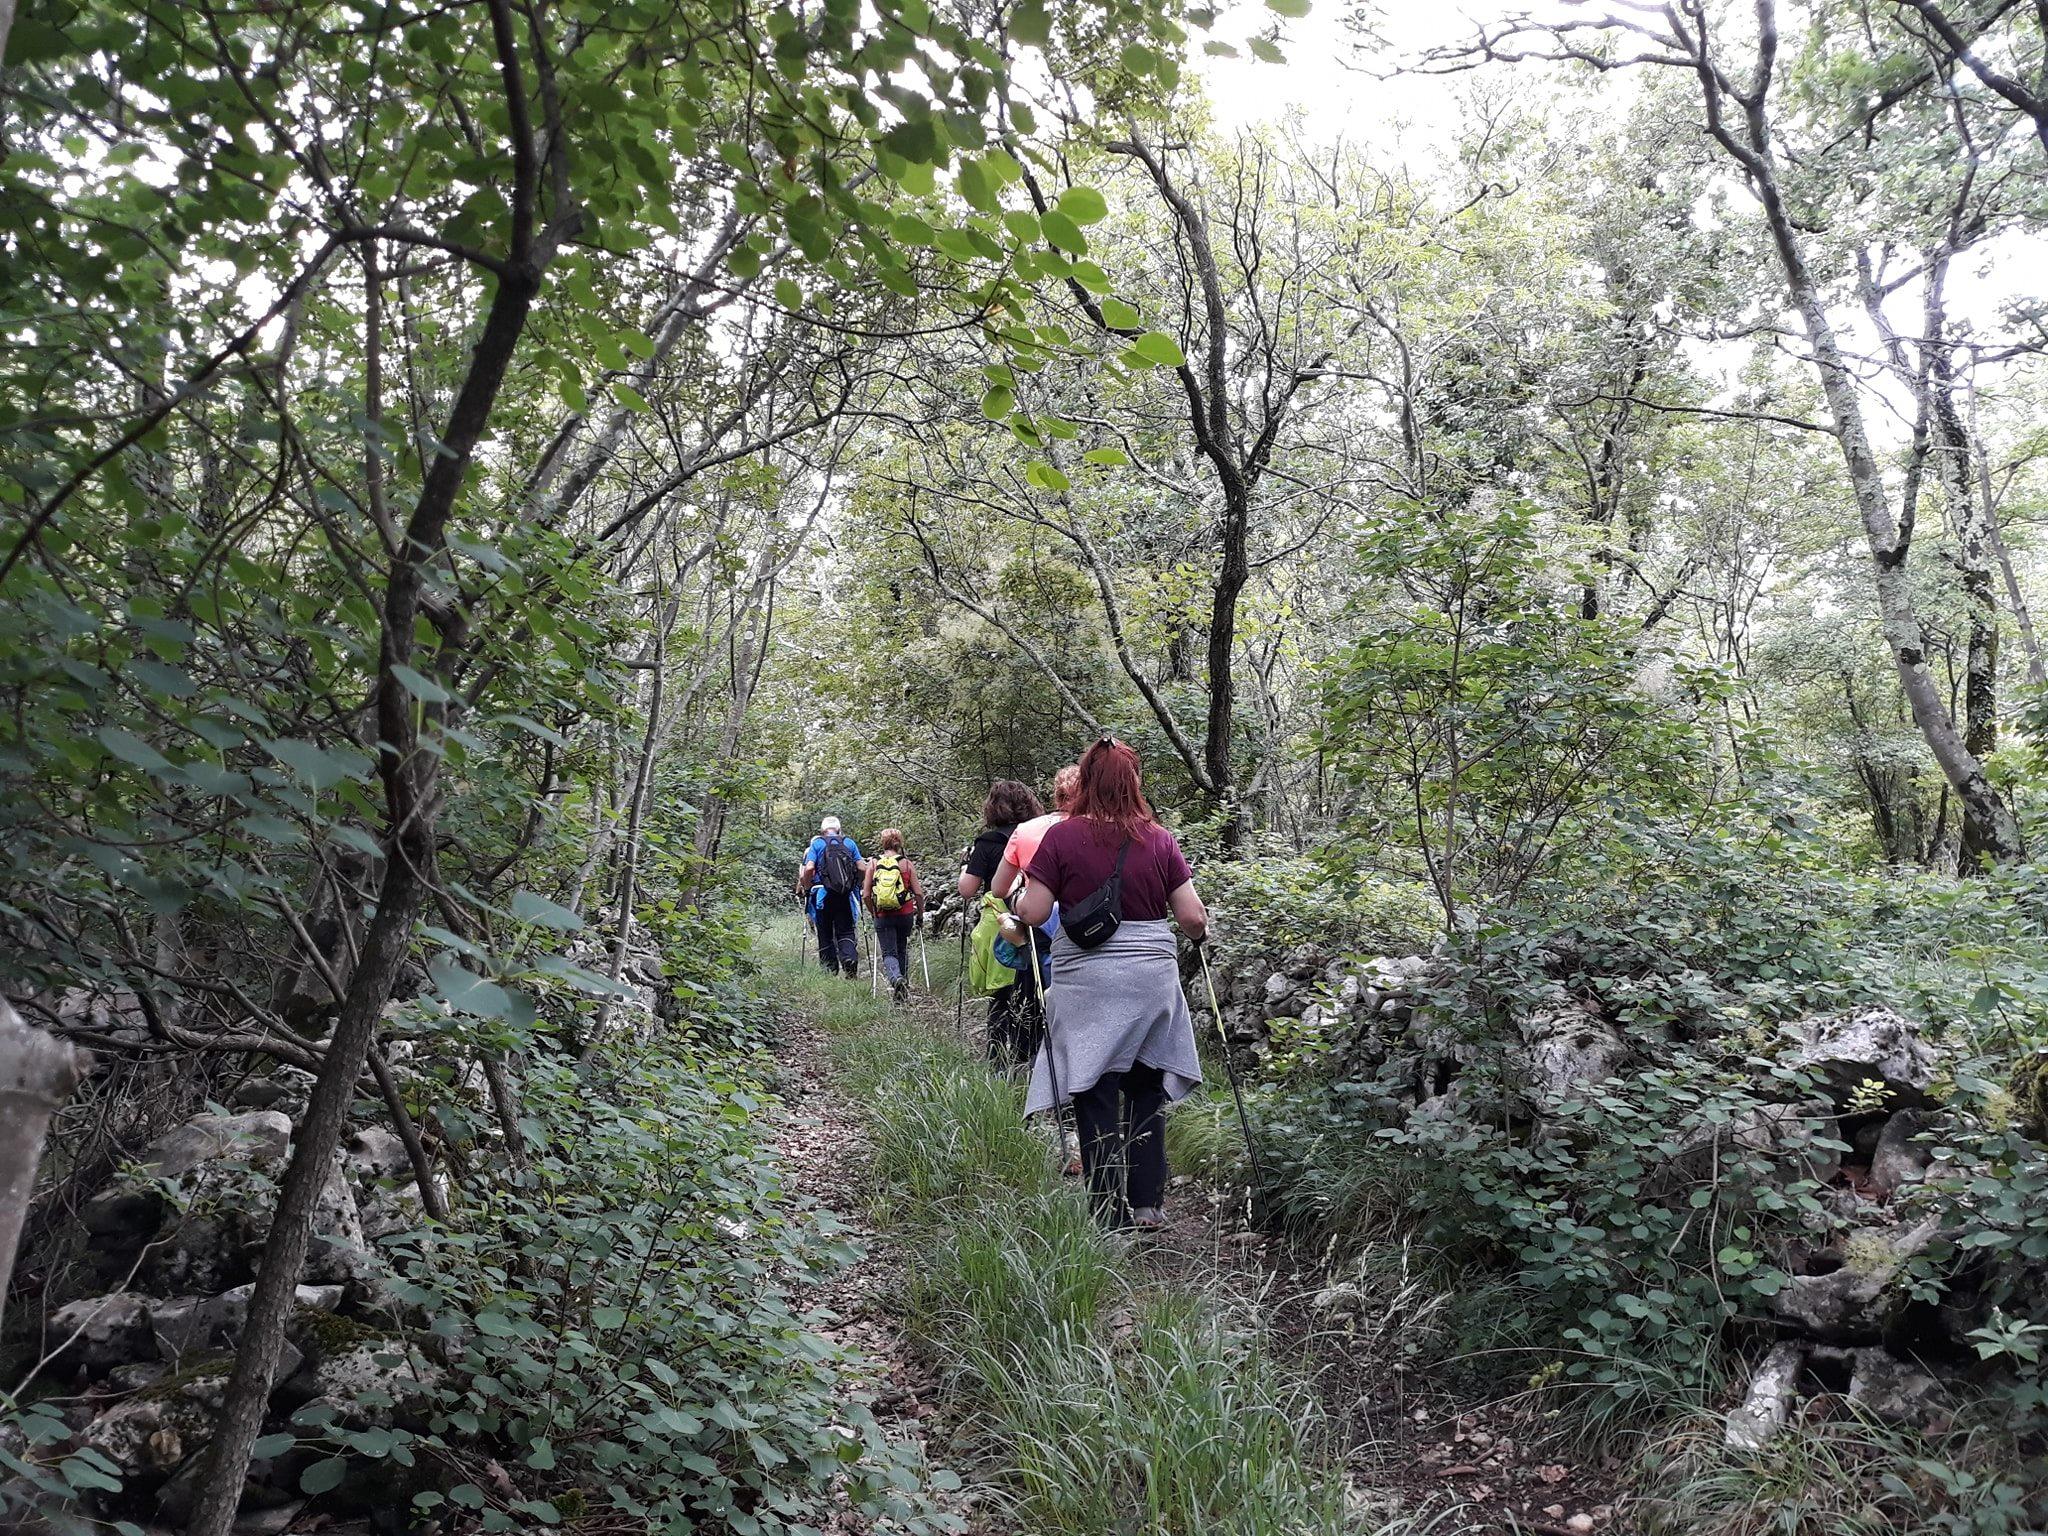 2020-06-06 Nordic Walking - Bristie-Prosecco-Sales (S) (3)